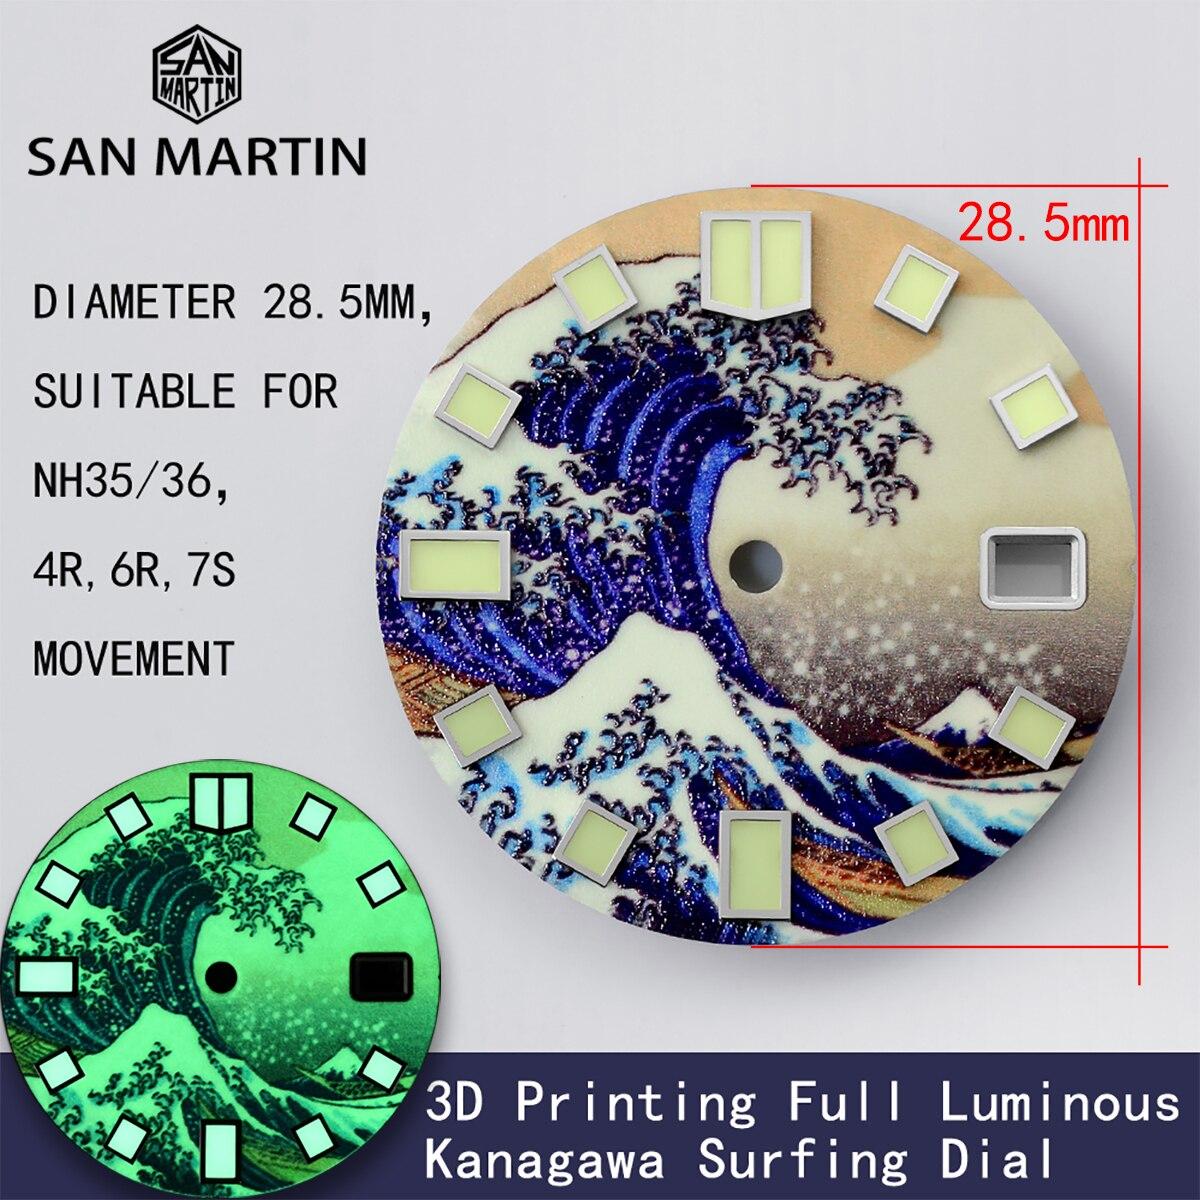 impressão completa janela de data luminosa adequado